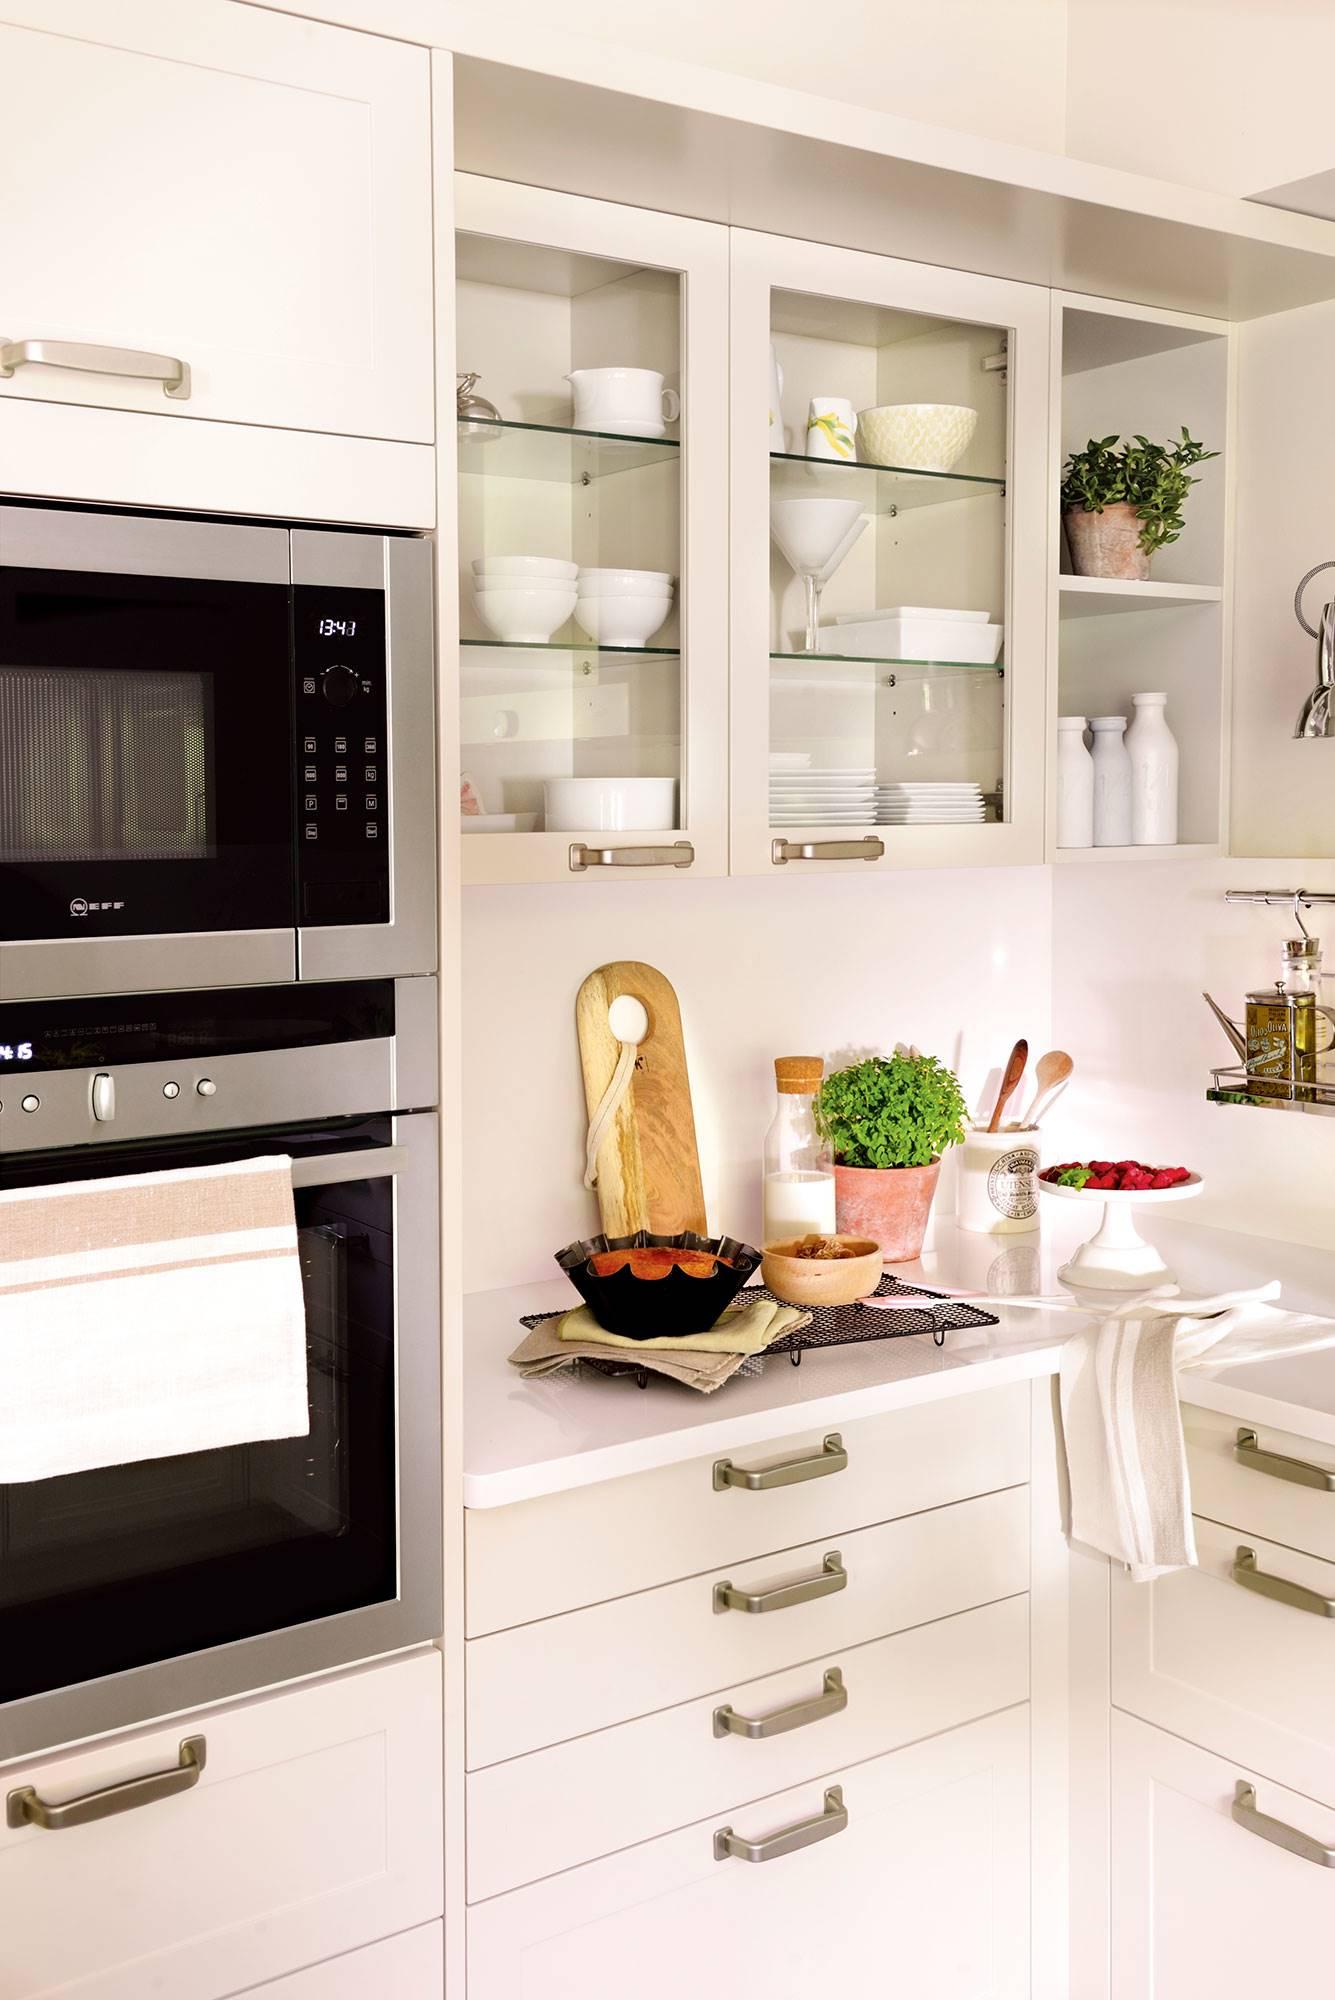 Semitoma cocina con muebles en blanco, cajones, vitrinas y horno y microondas en columna. Microondas